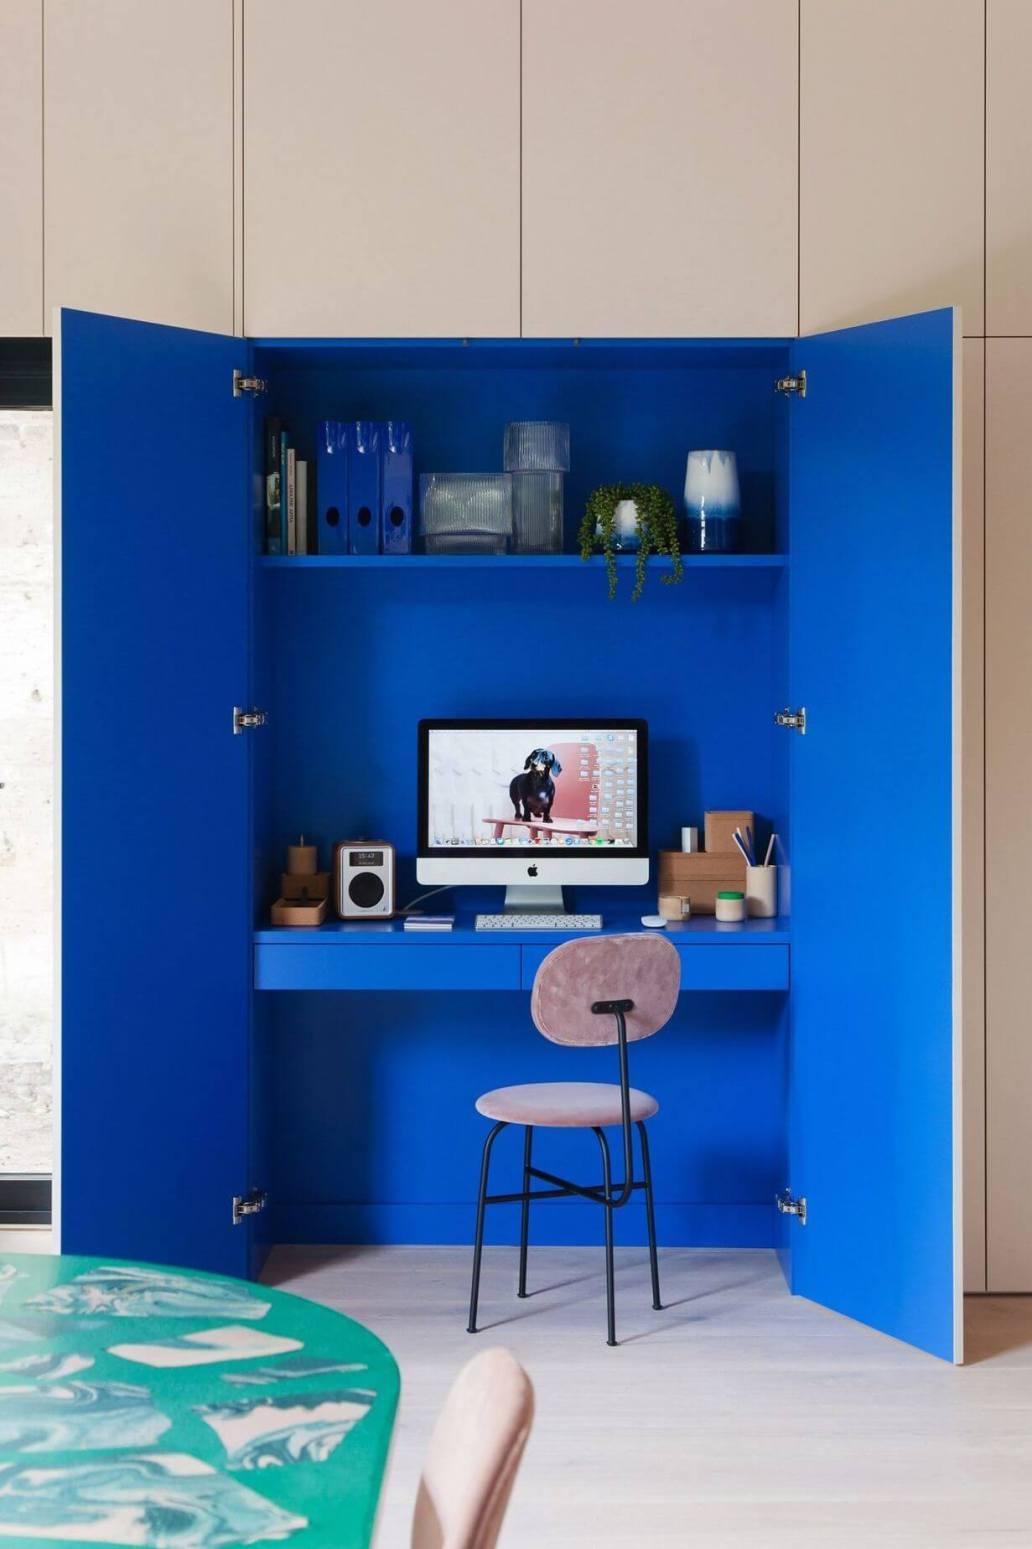 un bureau installer dans un placard avec deco bleu - Aménager un bureau dans un petit espace